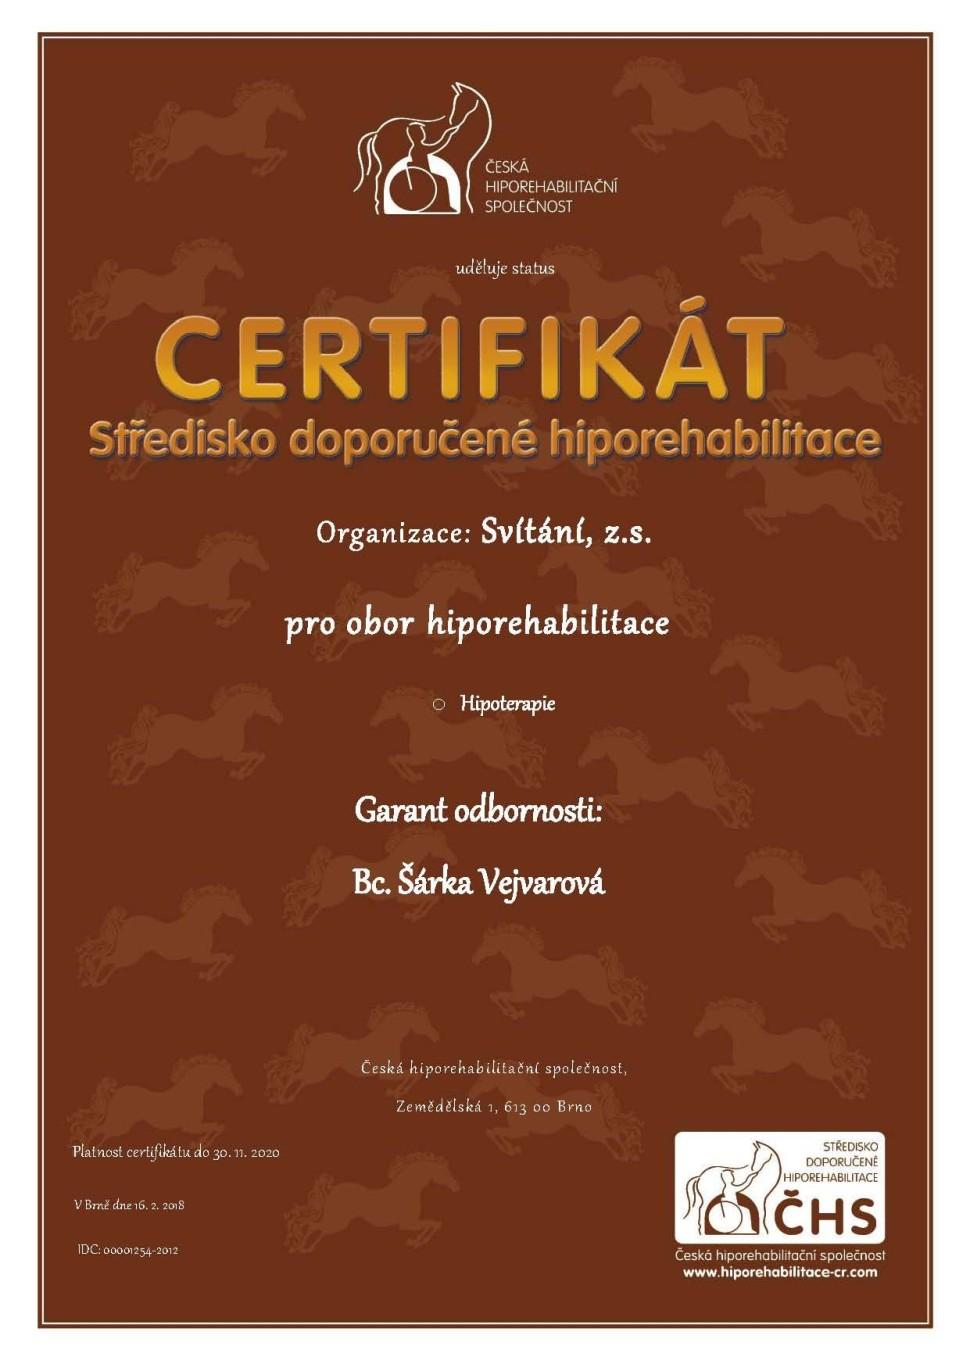 Svítání - CHS_certifikat_stredisko_doporucene